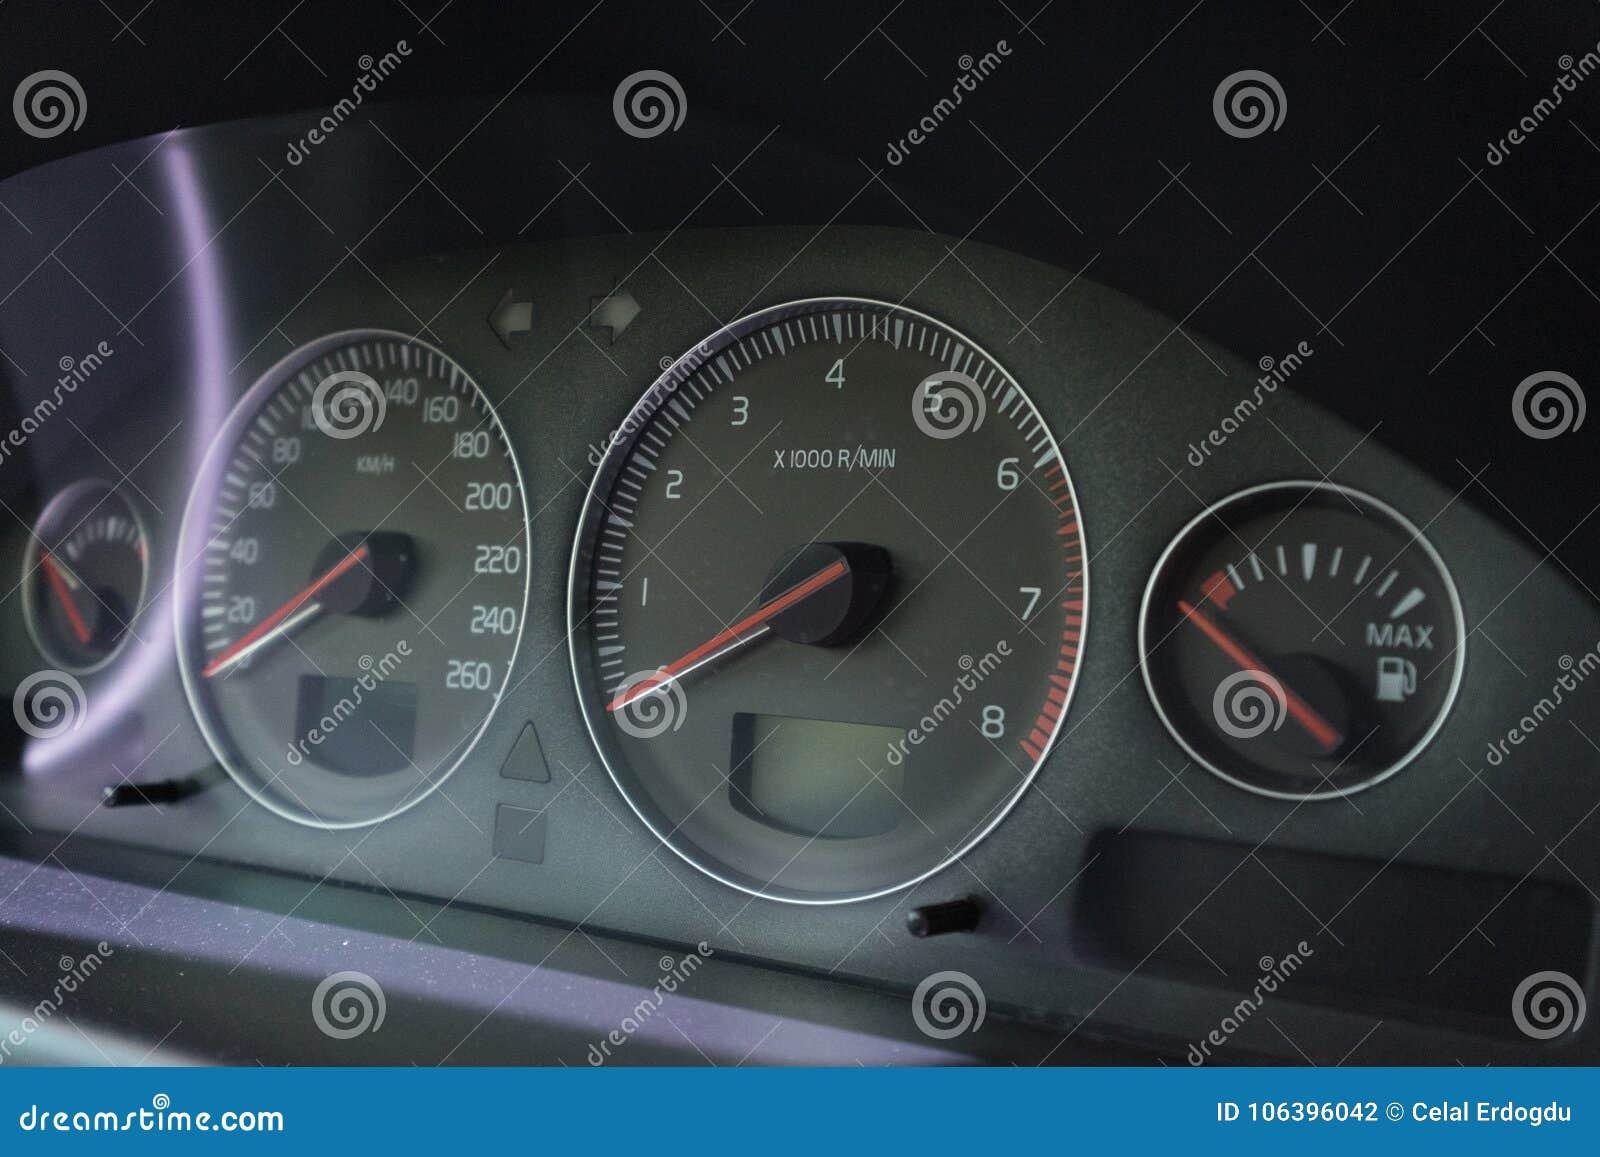 Entfernungsmesser Für Auto : Auto zeigt innenentfernungsmesser platte geschwindigkeits